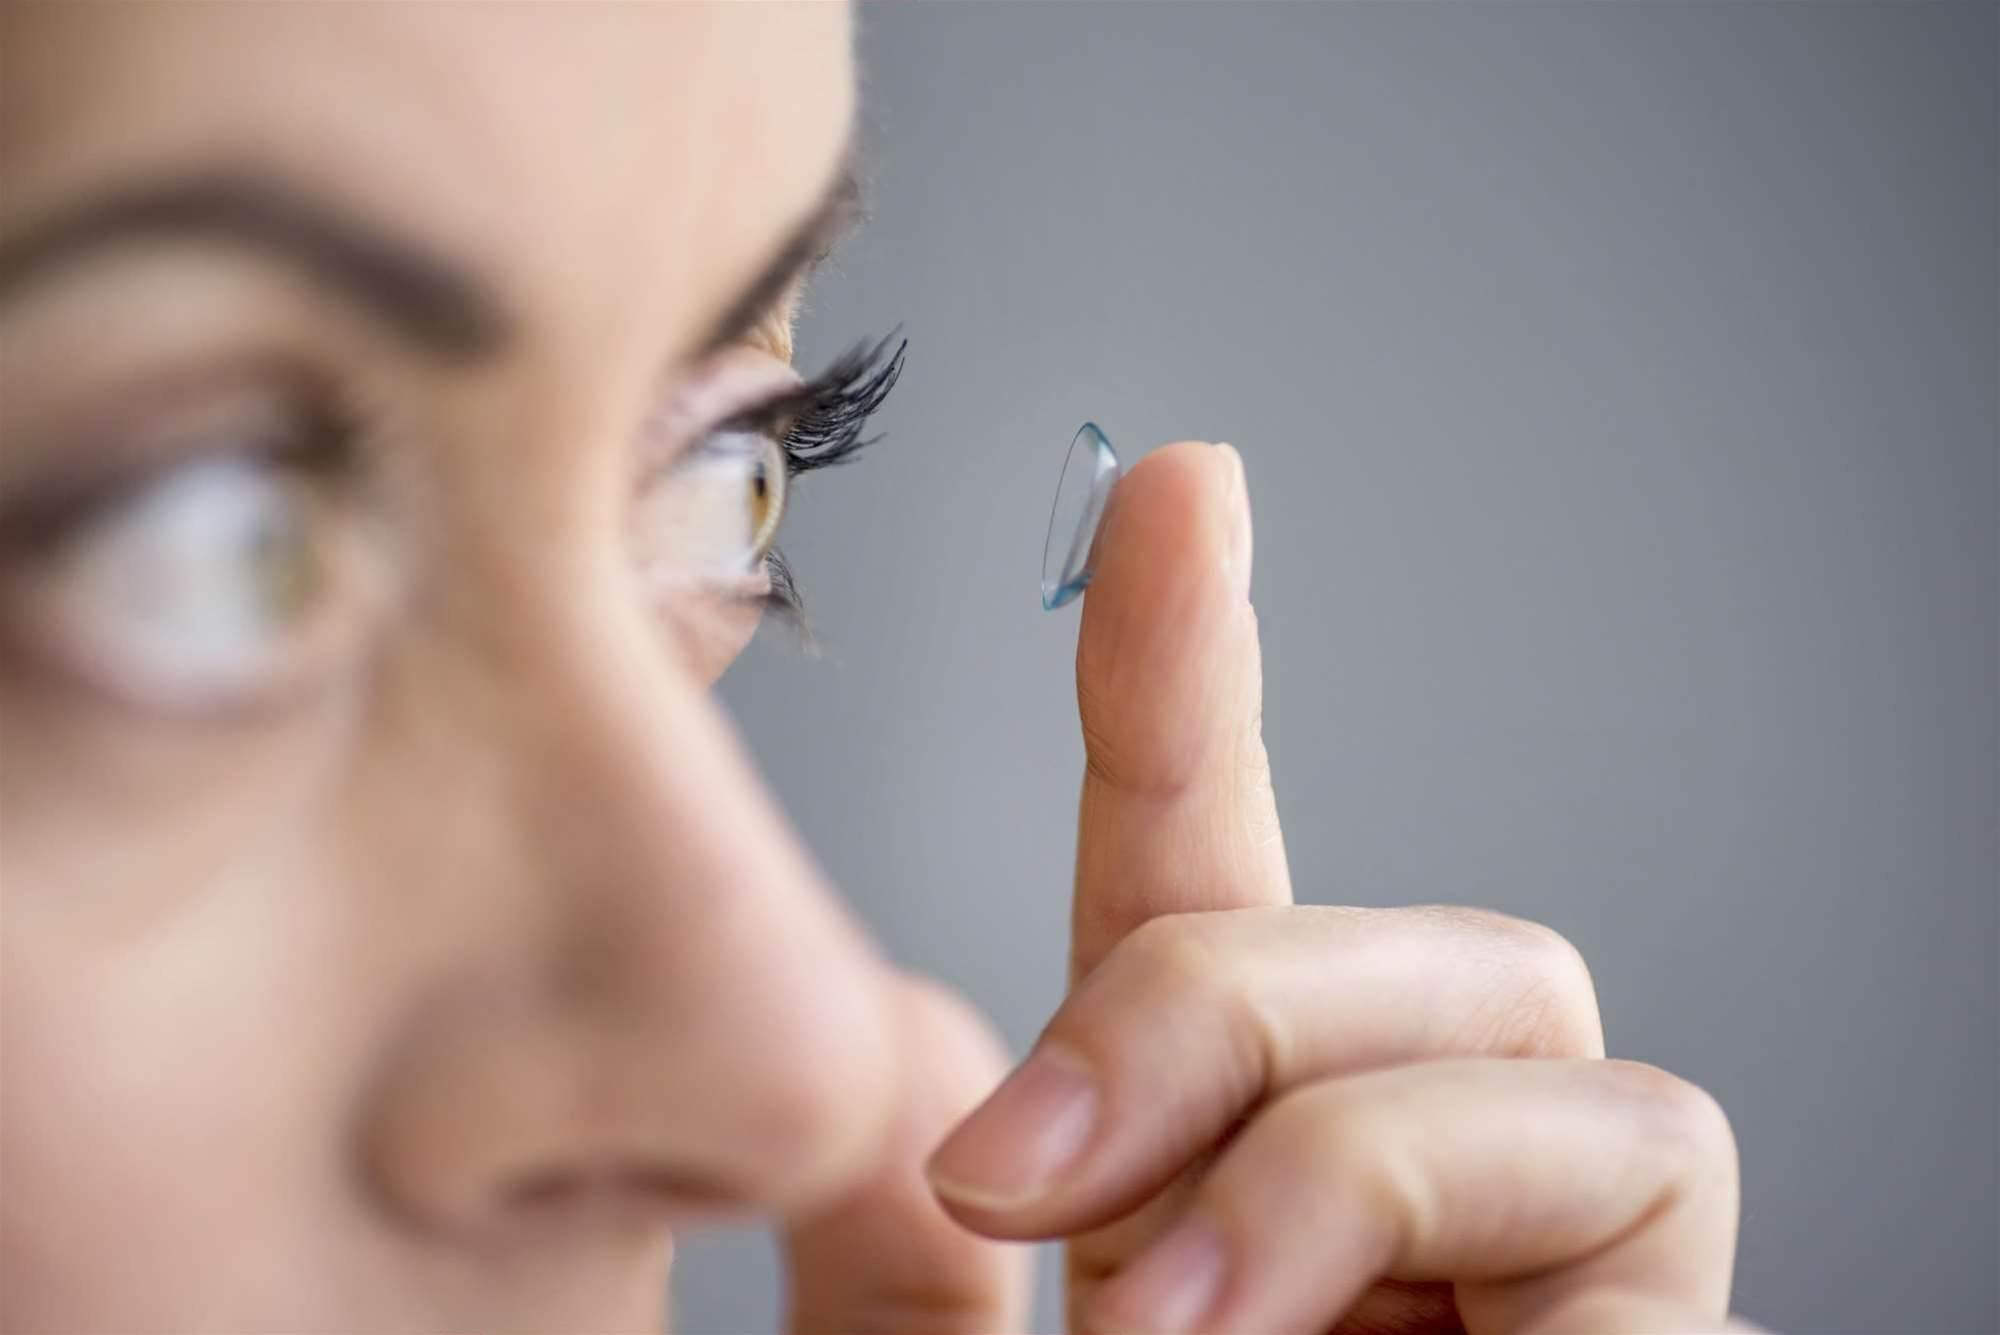 Google, Novartis design smart contact lens